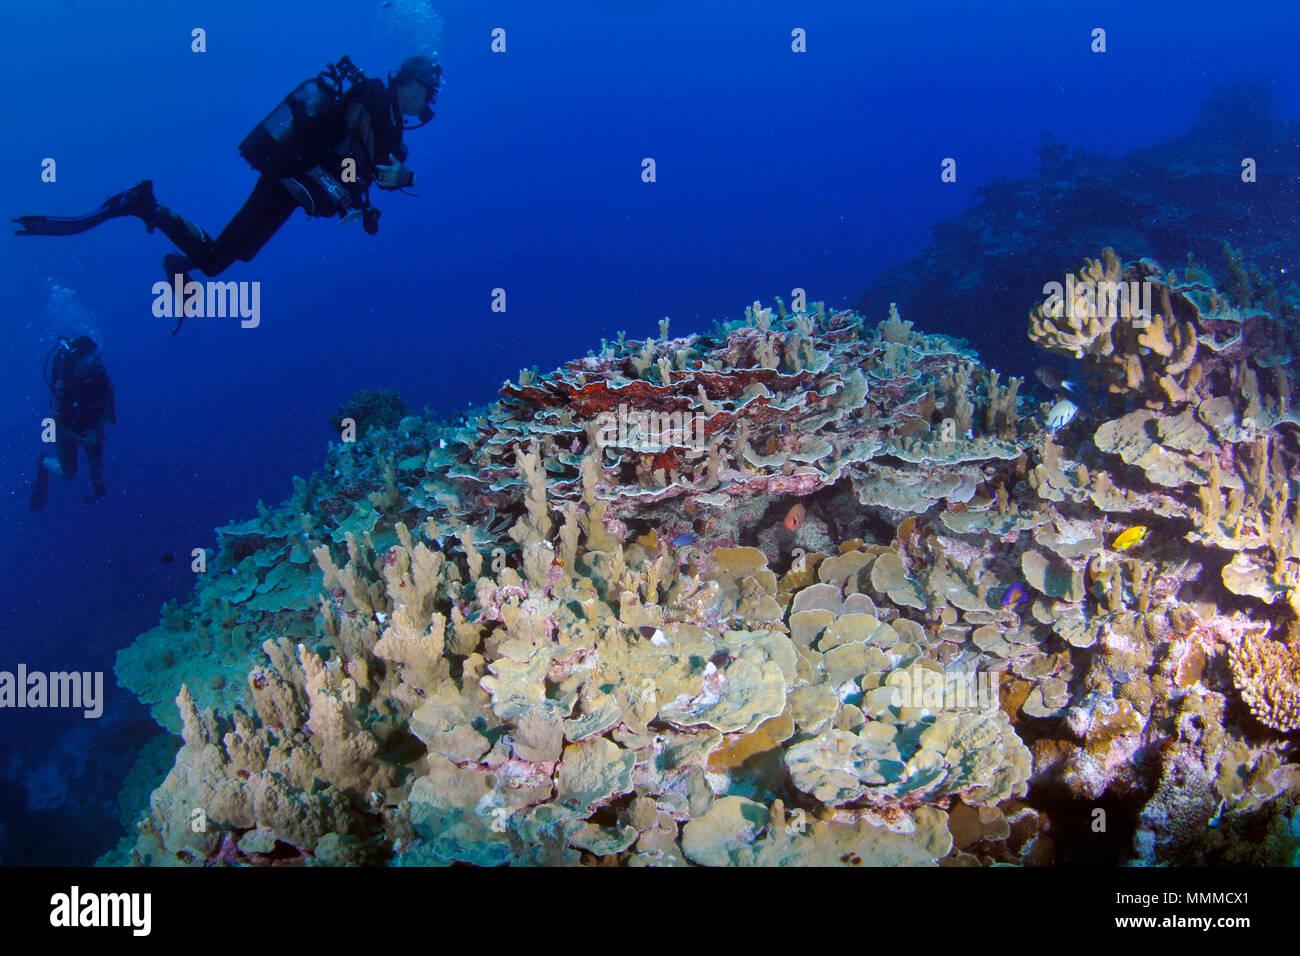 Los buceadores exploran prístina un arrecife de coral en la isla de Wallis, Wallis y Futuna, Pacífico Sur Foto de stock